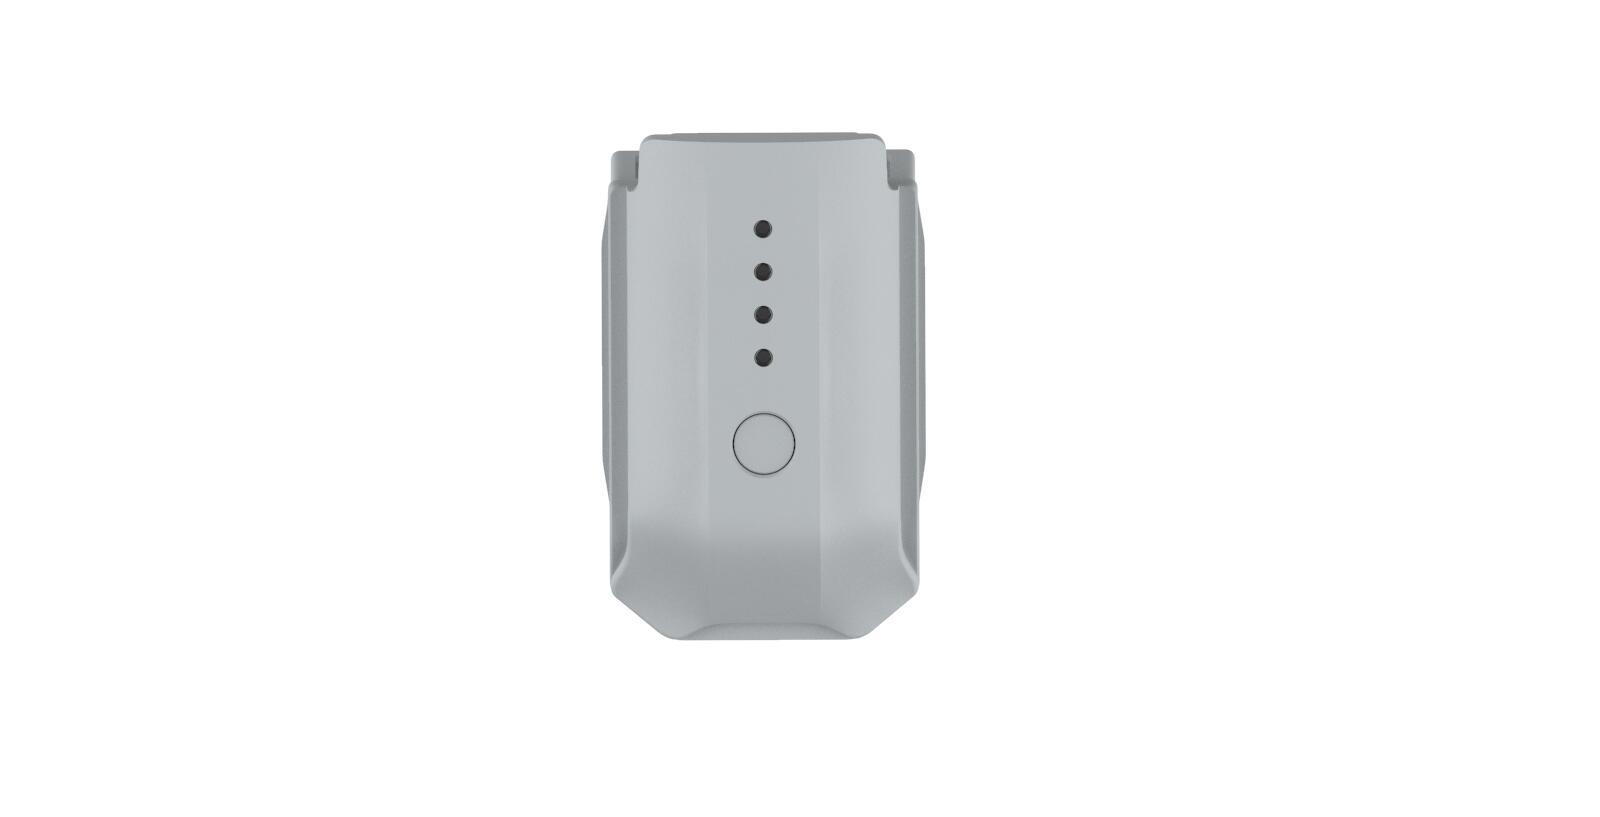 パワーエッグエックス用 バッテリ- 18%OFF 記念日 PowerEggX Intelligent Battery パワーエッグエックスバッテリ-